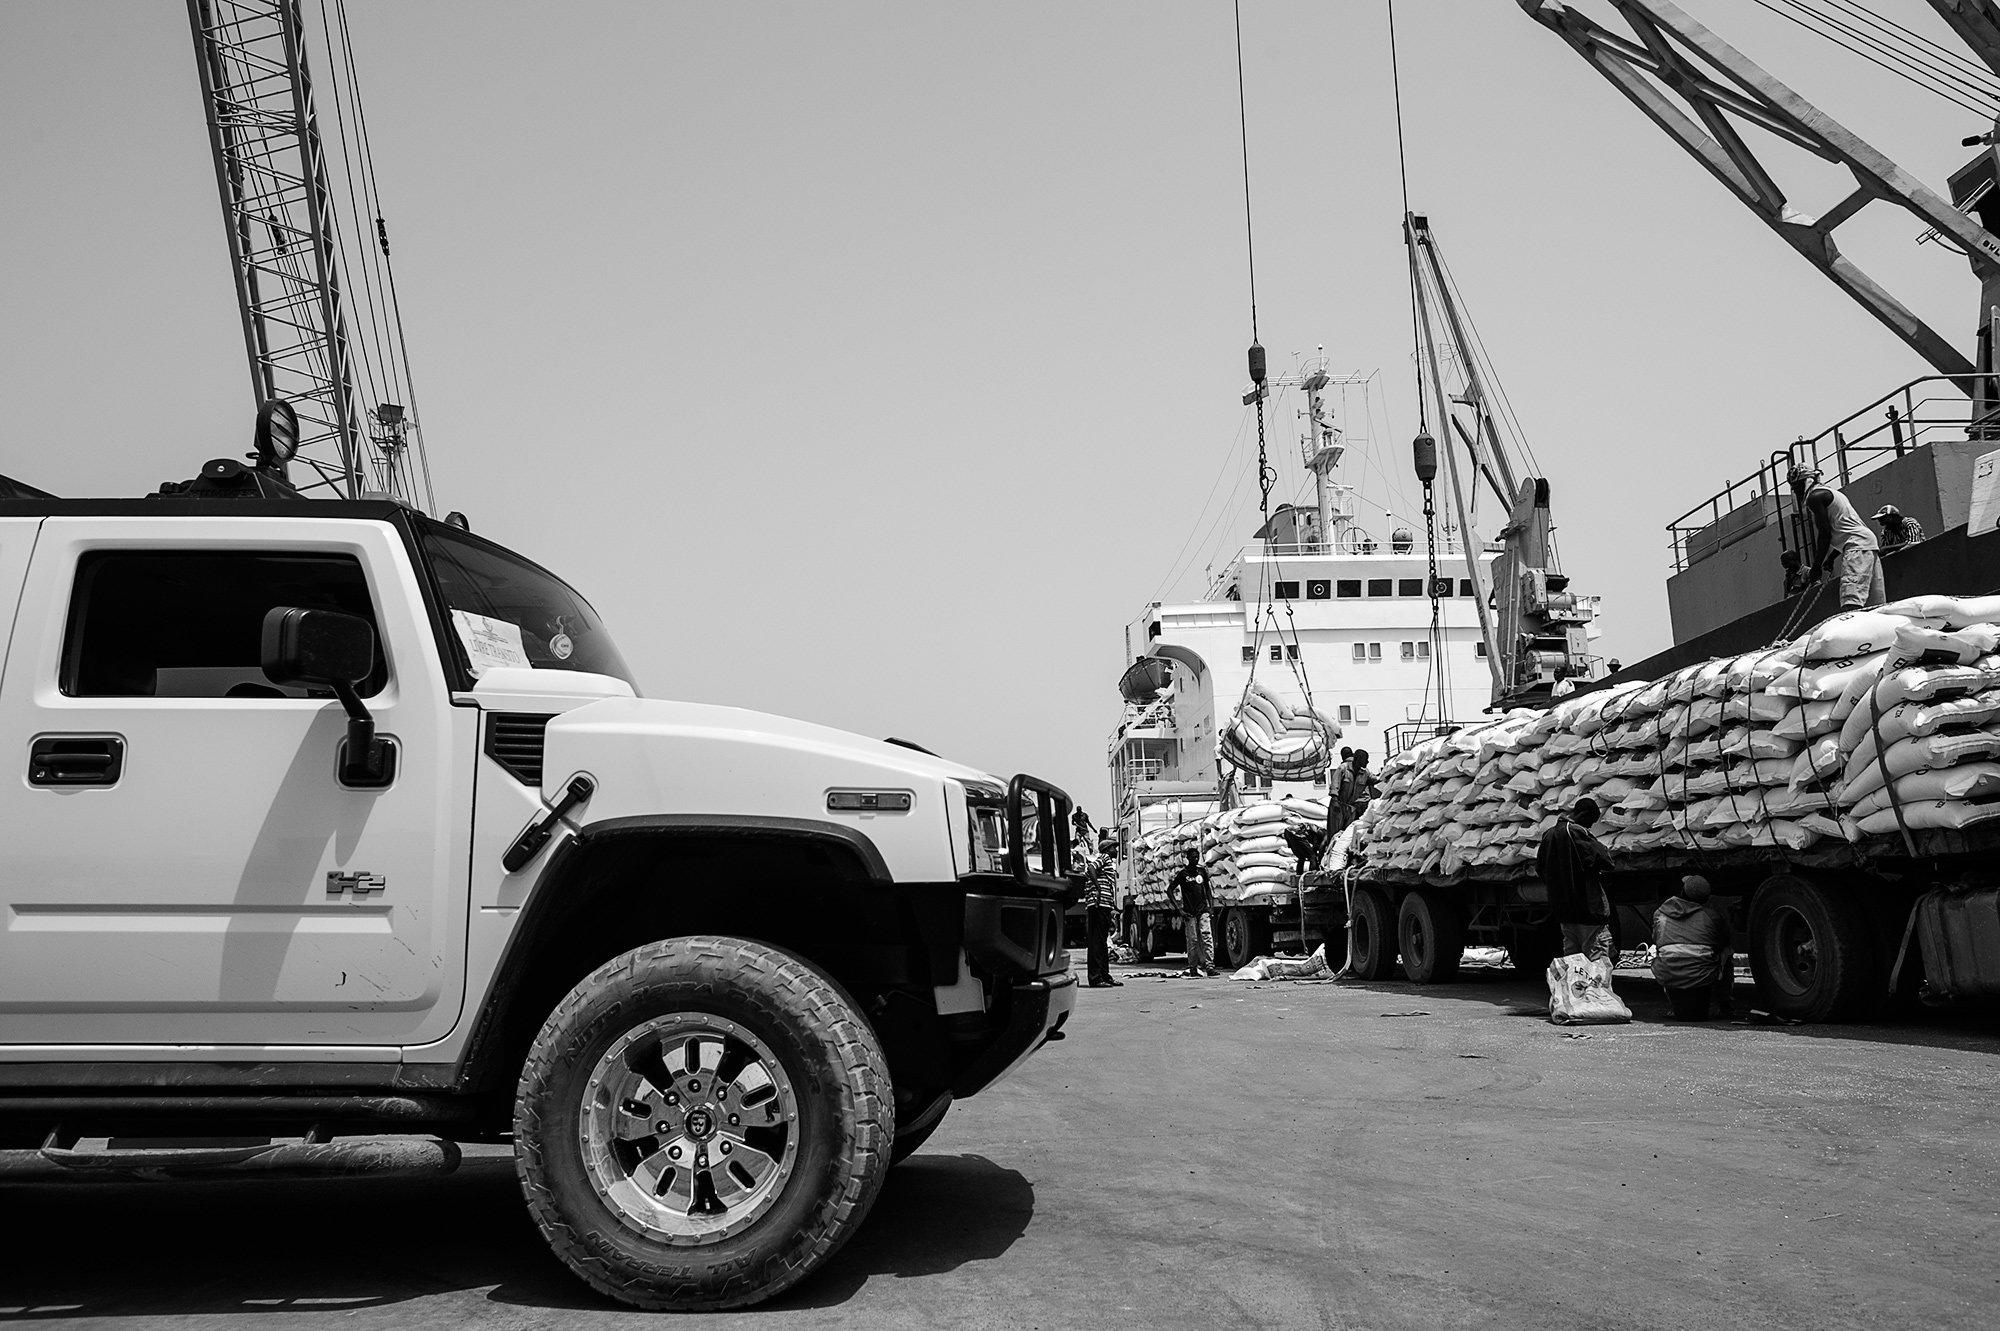 Drogenlieferung im Hafen von Guinea-Bissau